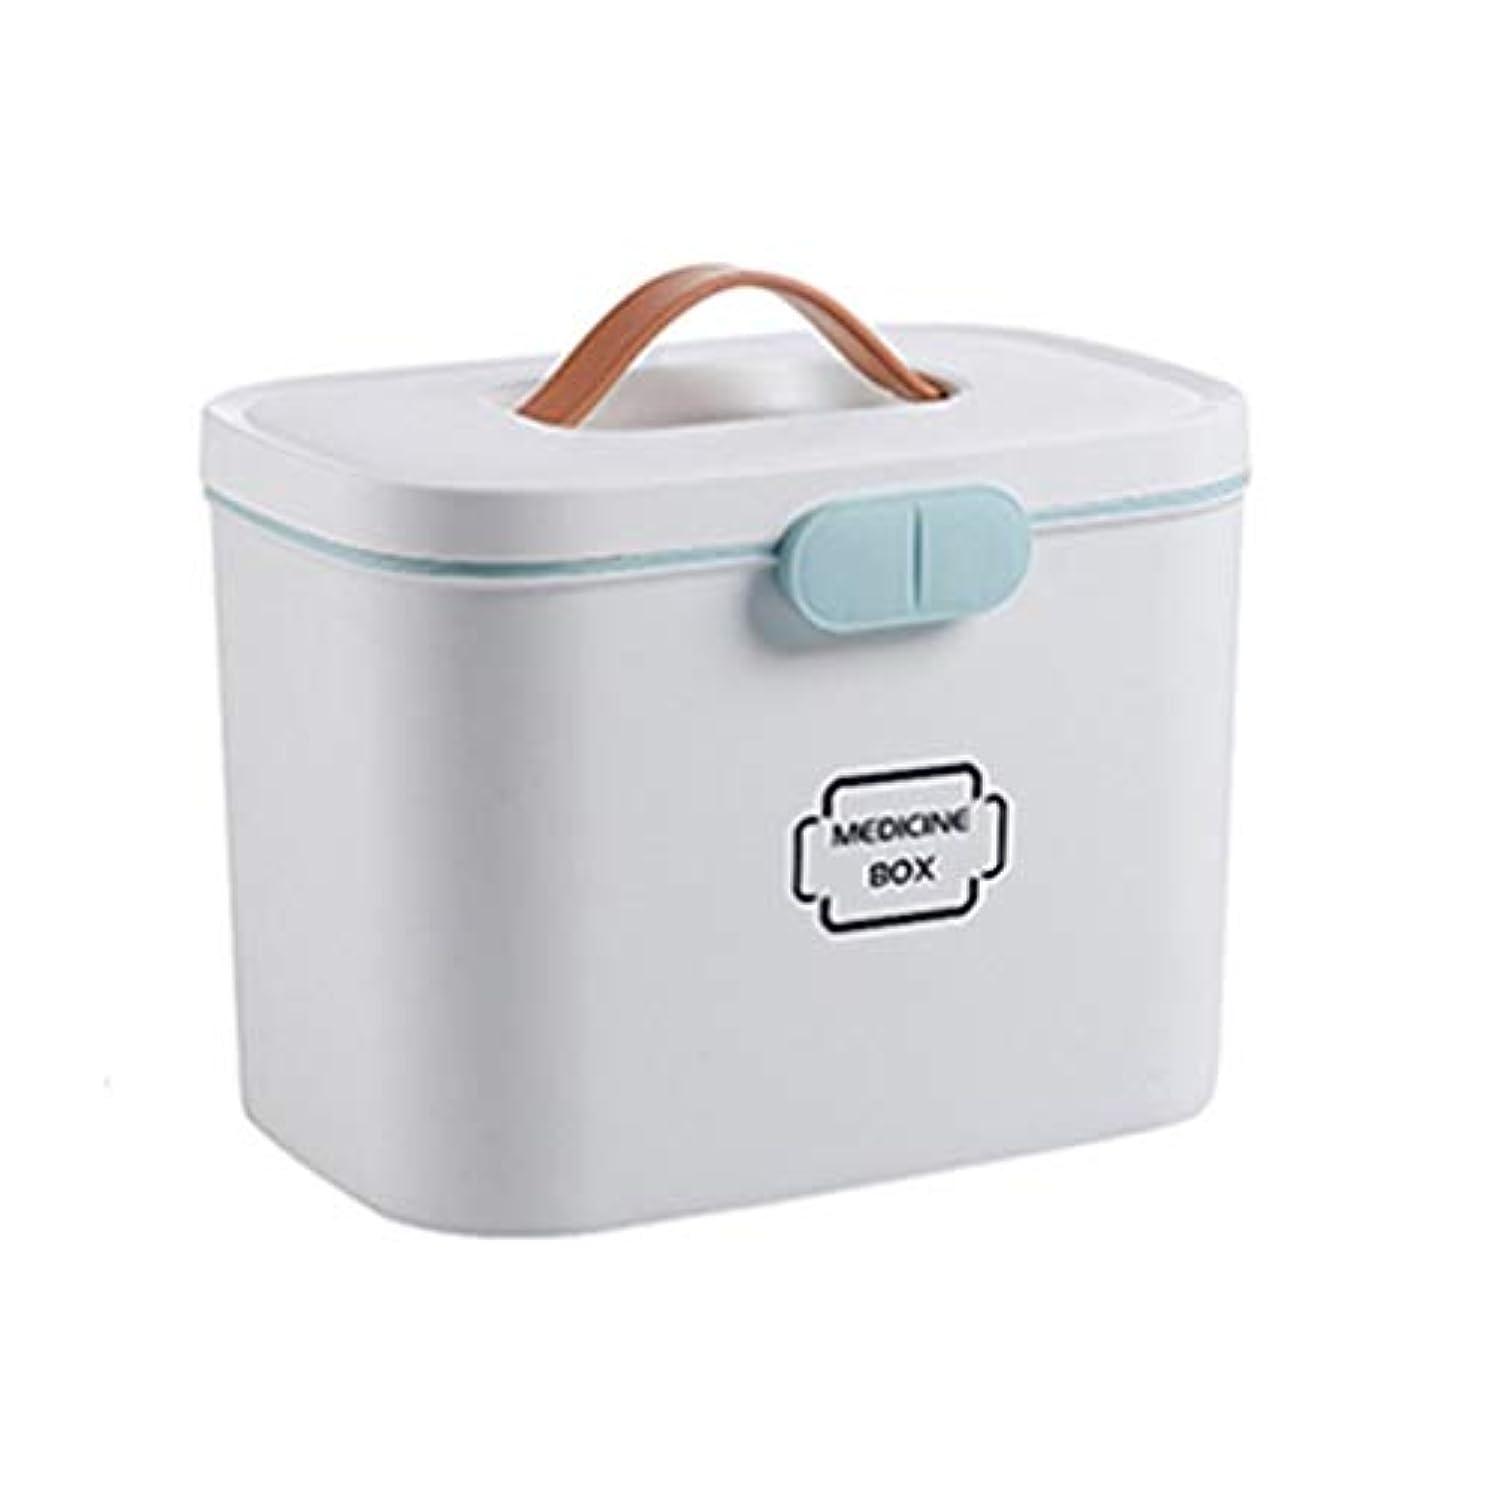 フェデレーション賛辞理容室First aid kit 大型医療キットポータブル救急箱家庭用薬収納ボックス旅行と職場医療用収納キット(ピンク、ブルー、ホワイト) XBCDP (Color : White)